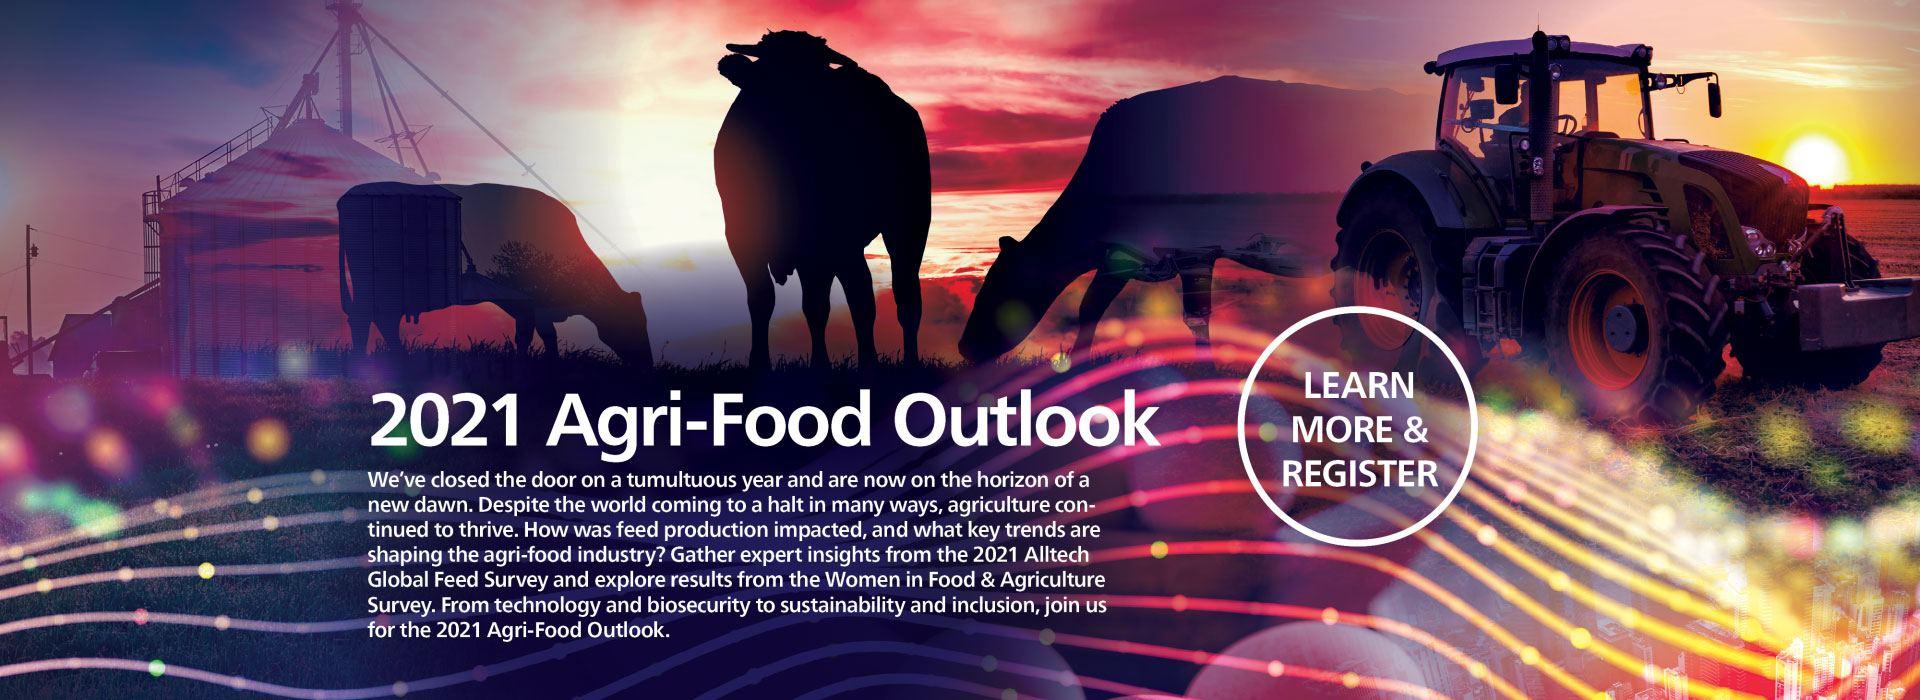 2021 Agri-Food Header